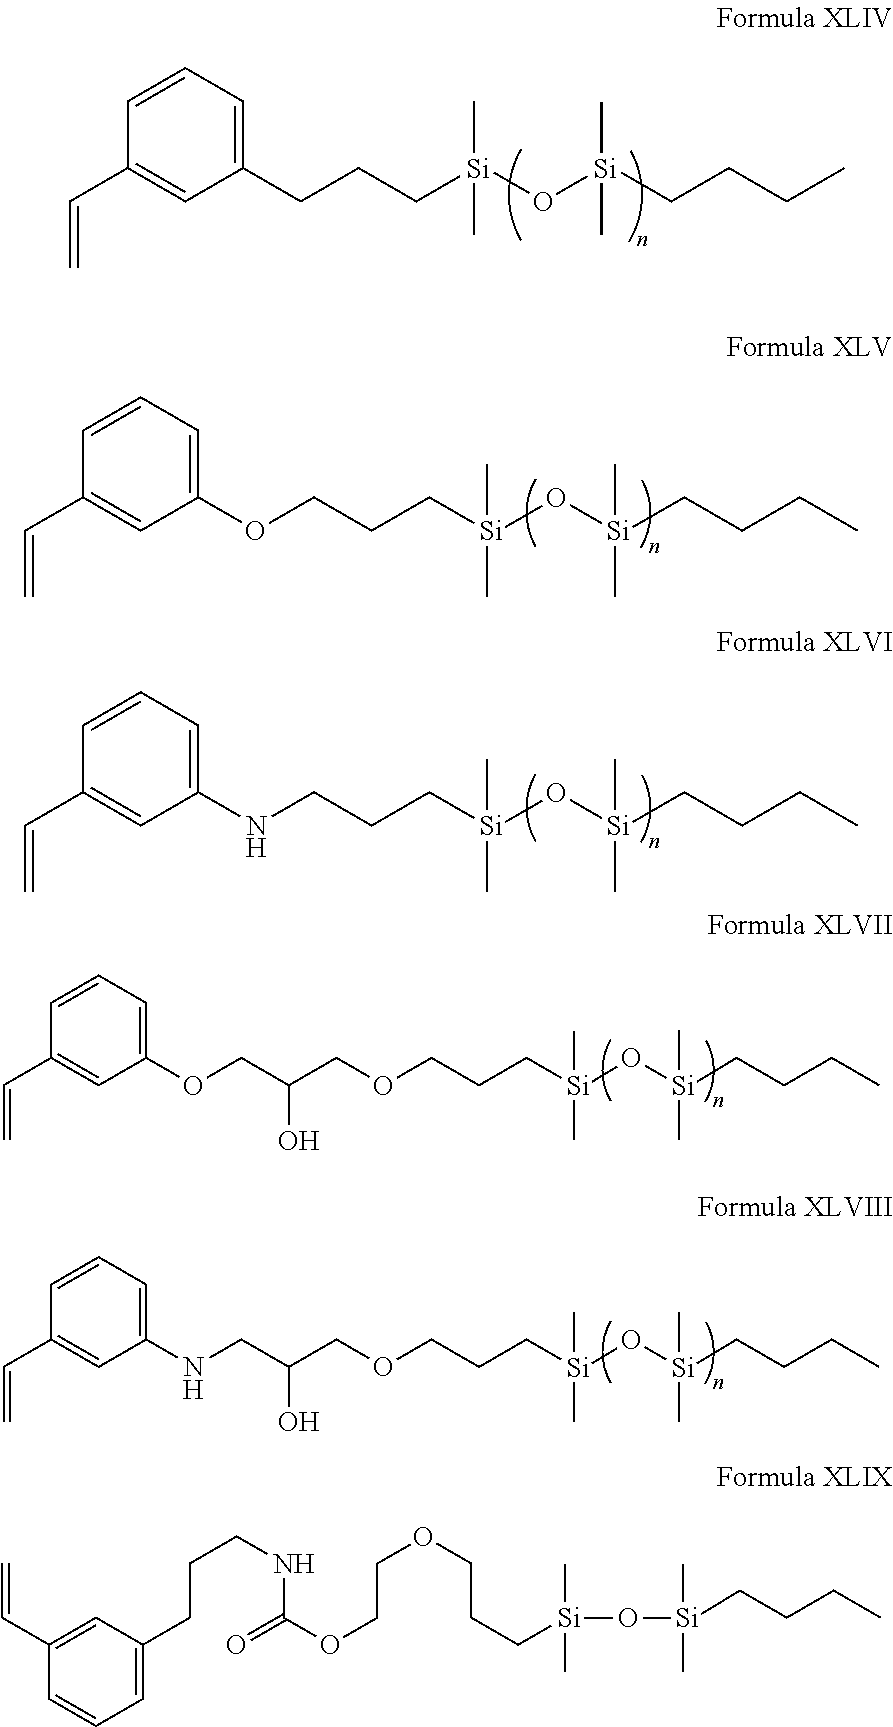 Figure US20180011223A1-20180111-C00014